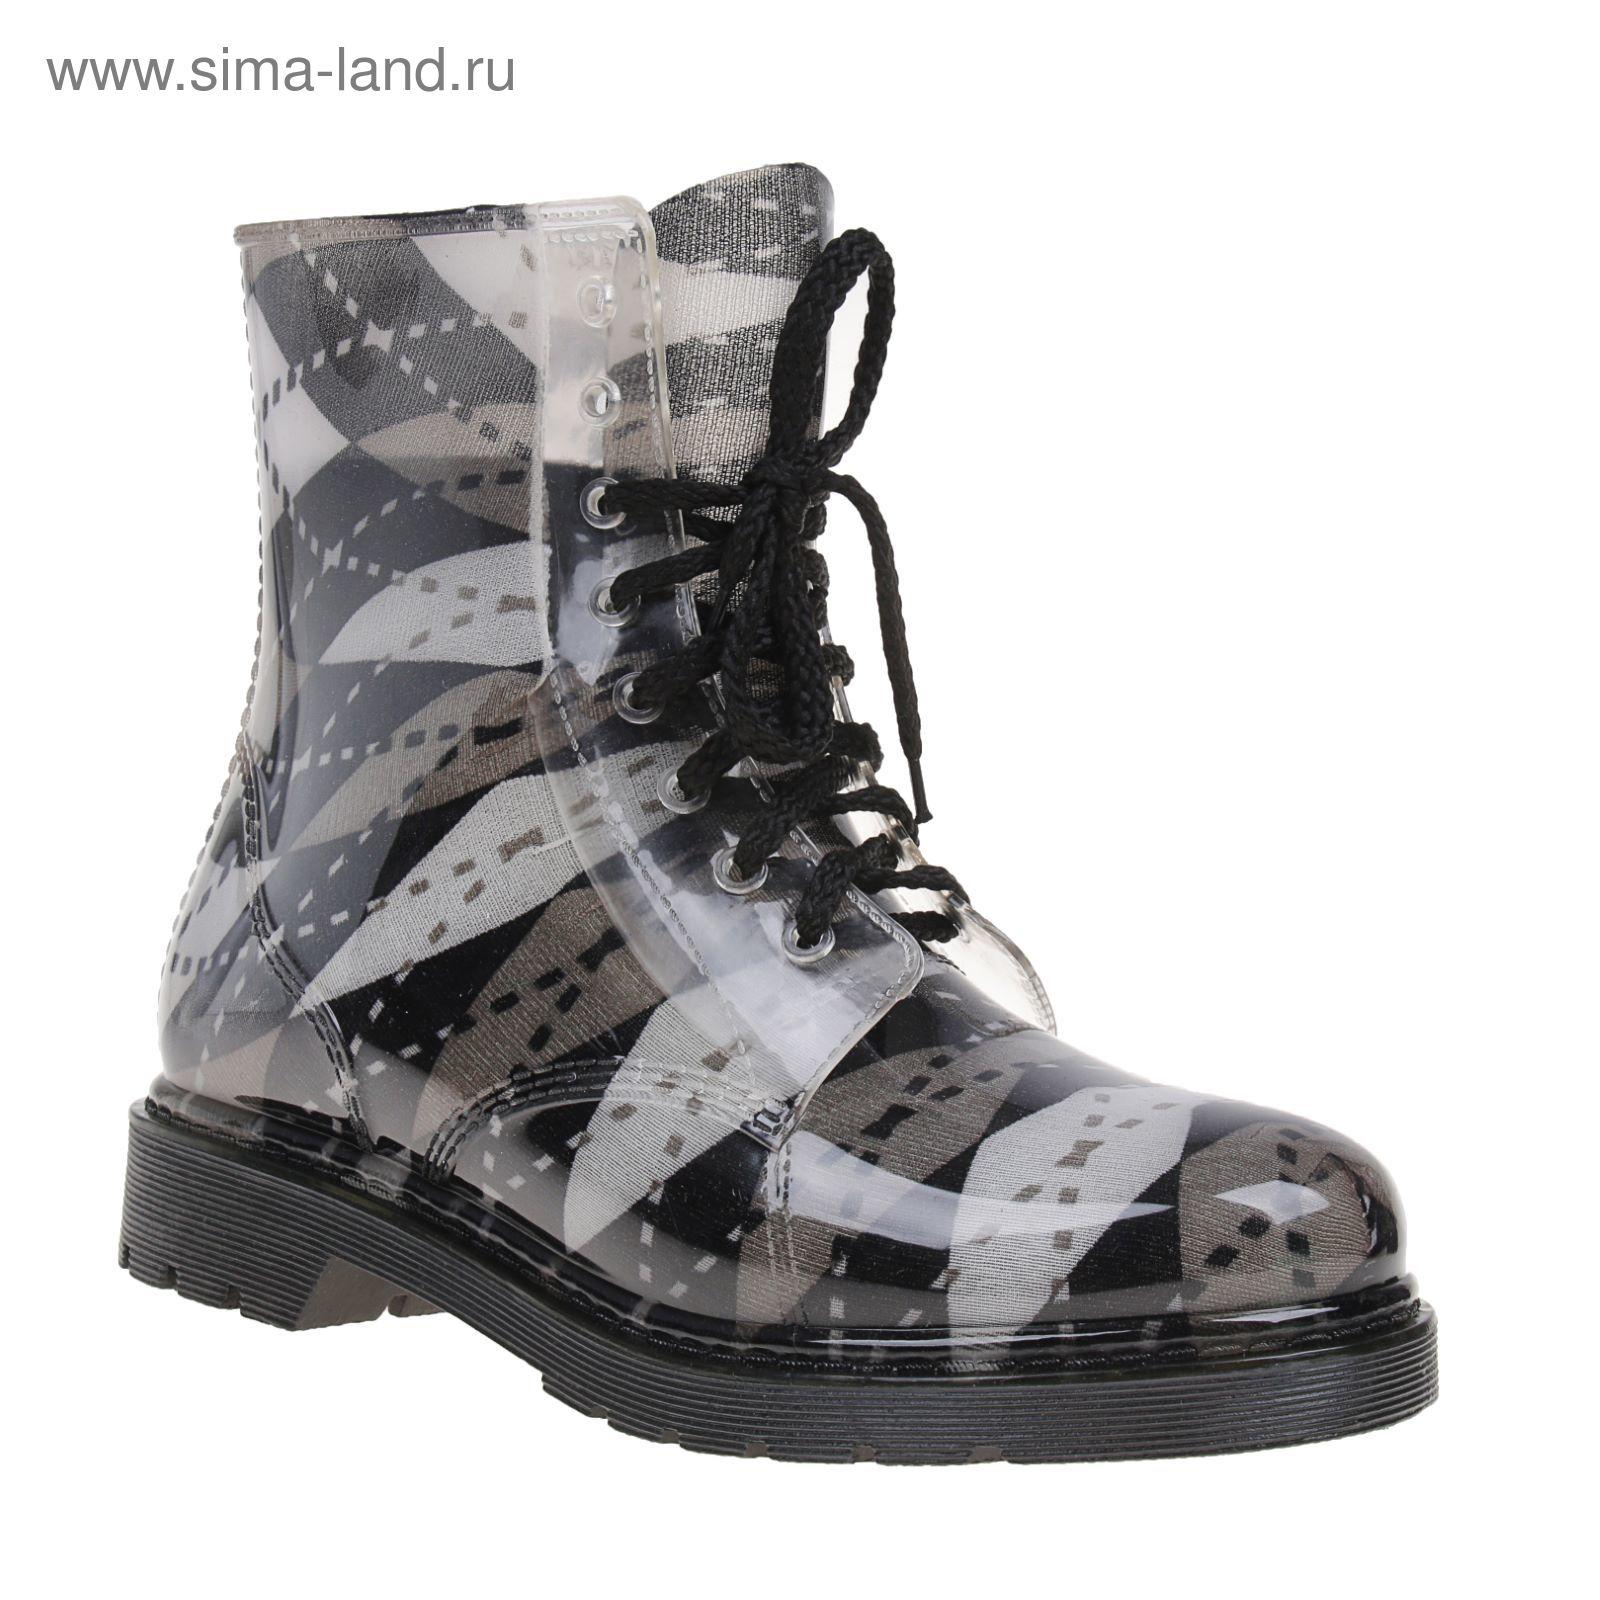 124ebb3be75b Сапоги (ботинки) женские с утеп арт.12 на шнуровке-1 (МИКС) (р. 39 ...